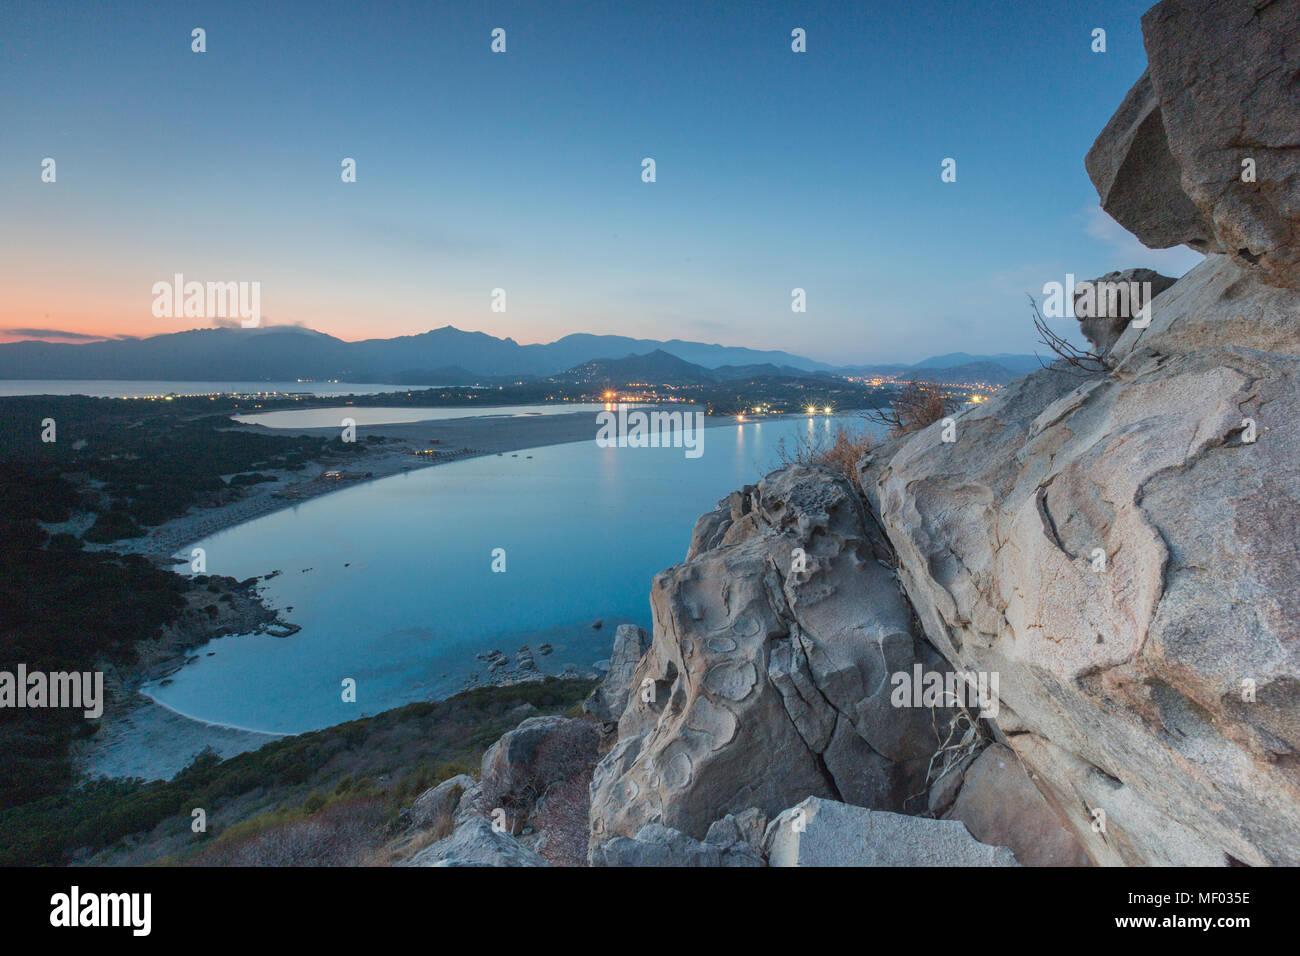 Top Aussicht auf die Bucht mit sandigen Stränden und Lichter eines Dorfes in der Abenddämmerung Porto Giunco Villasimius Cagliari Sardinien Italien Europa Stockbild